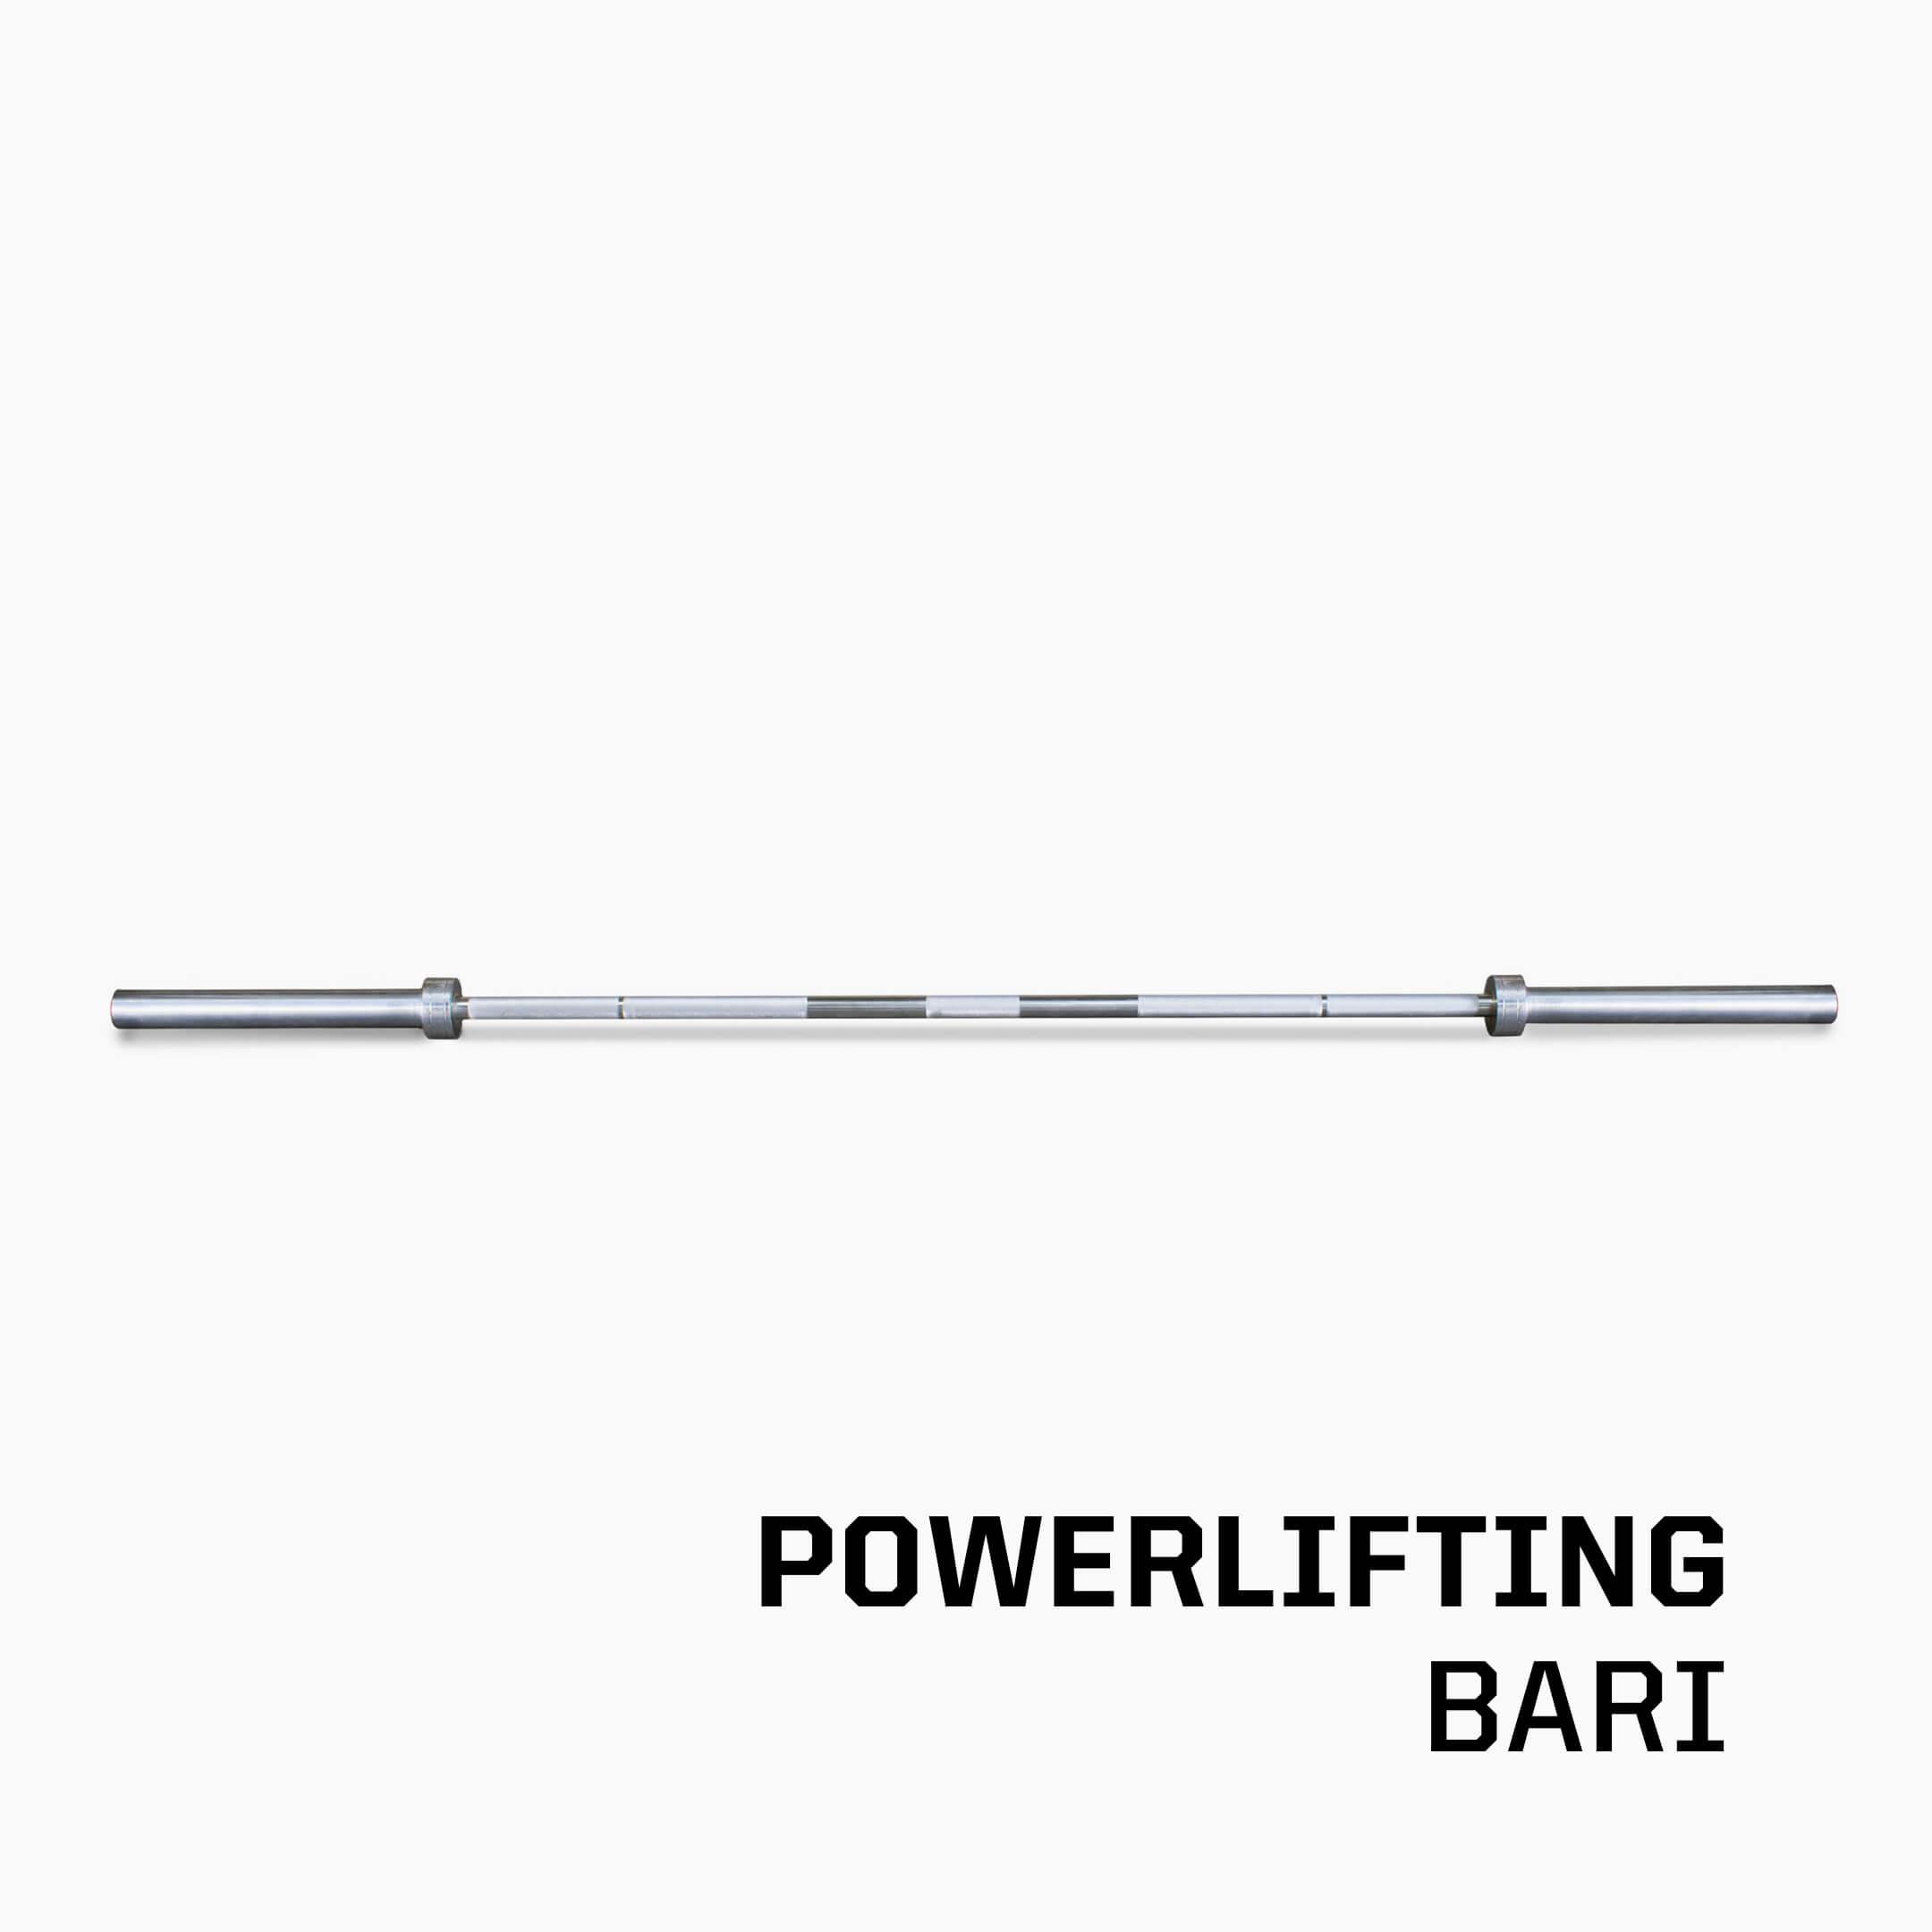 powerlifting barı ağırsağlam